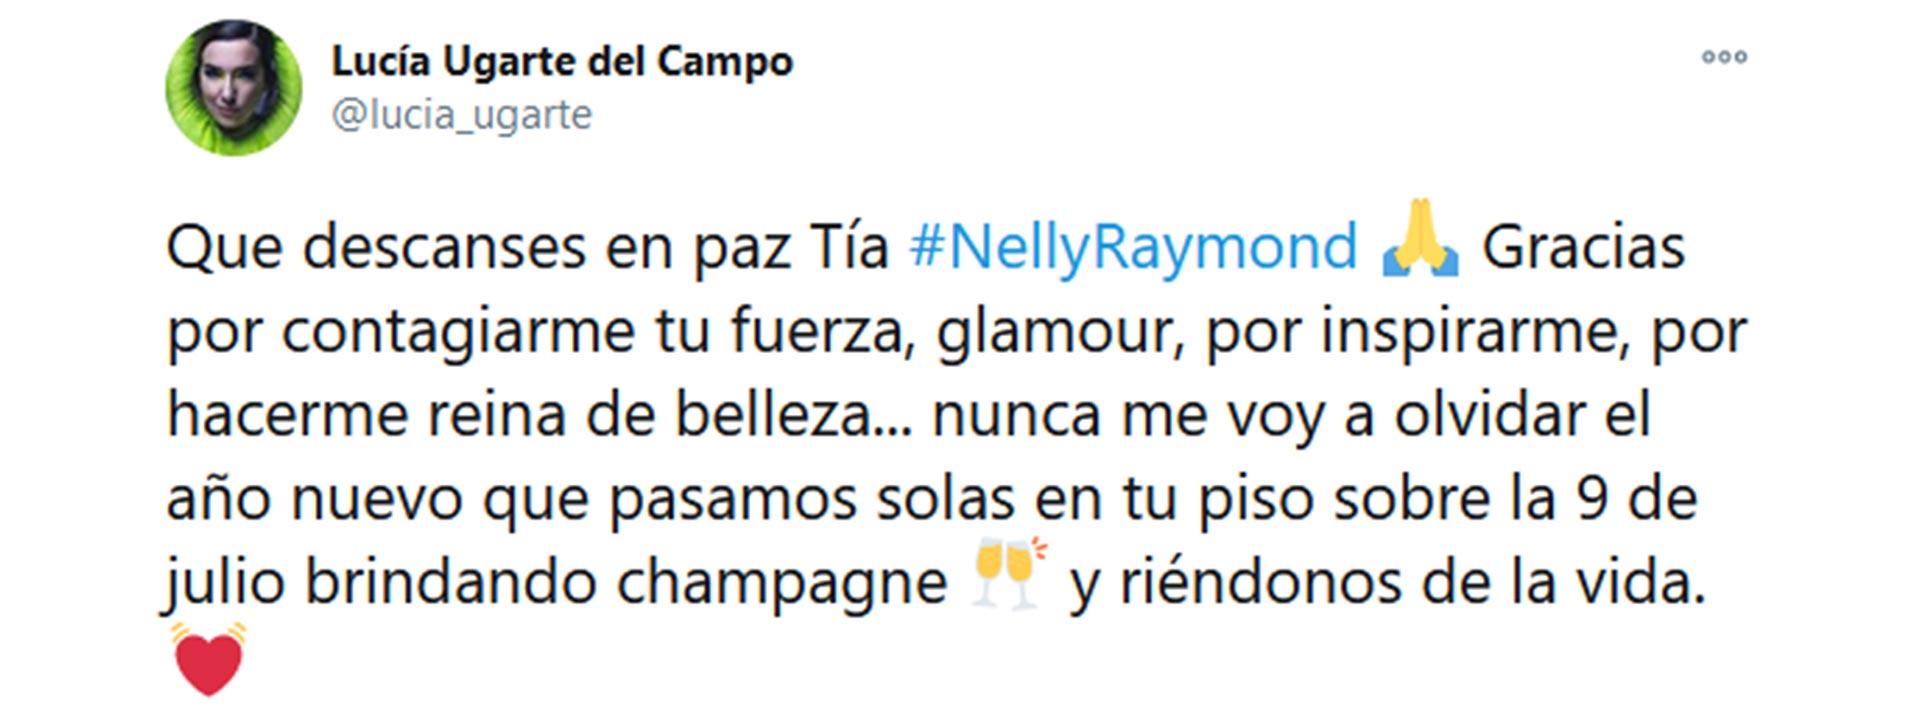 El tuit de Lucía Ugarte para despedir a su tía abuela Nelly Raymond